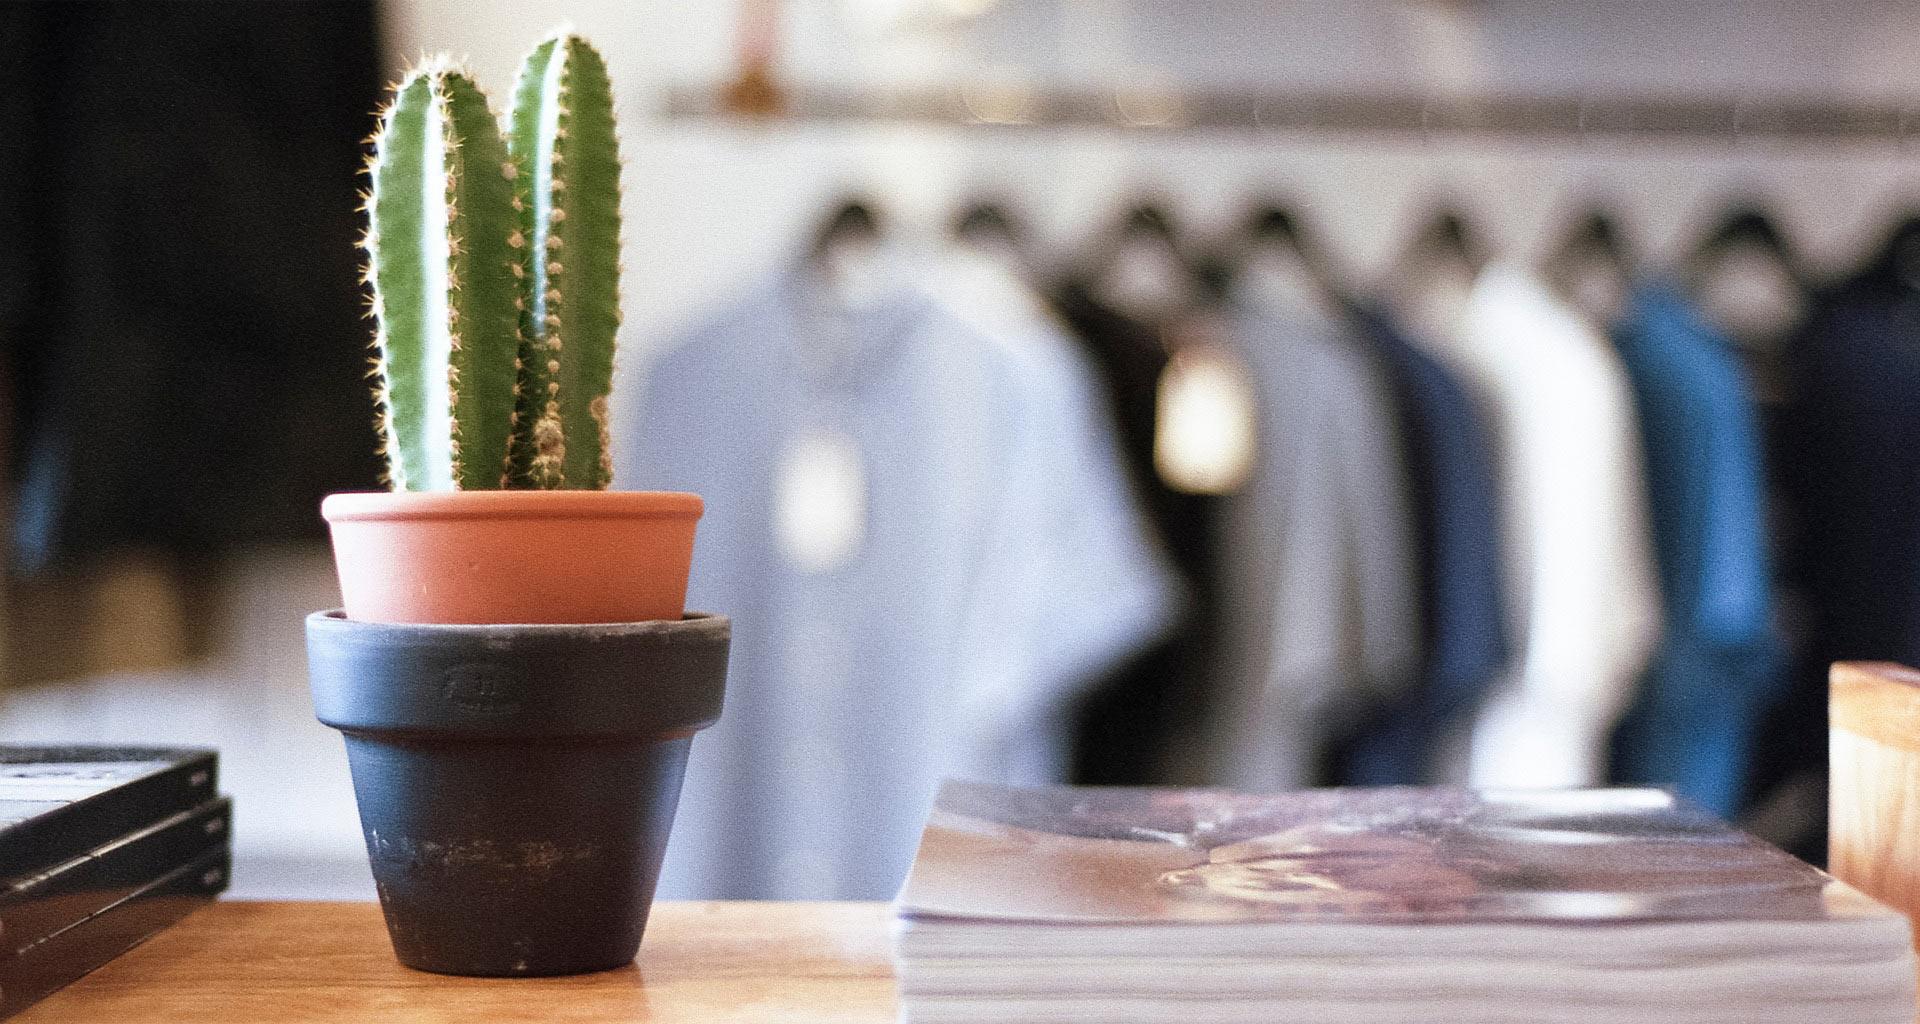 初心者でも簡単にコーデする方法はコレ♪プチプラで人気の最新オルチャンファッション